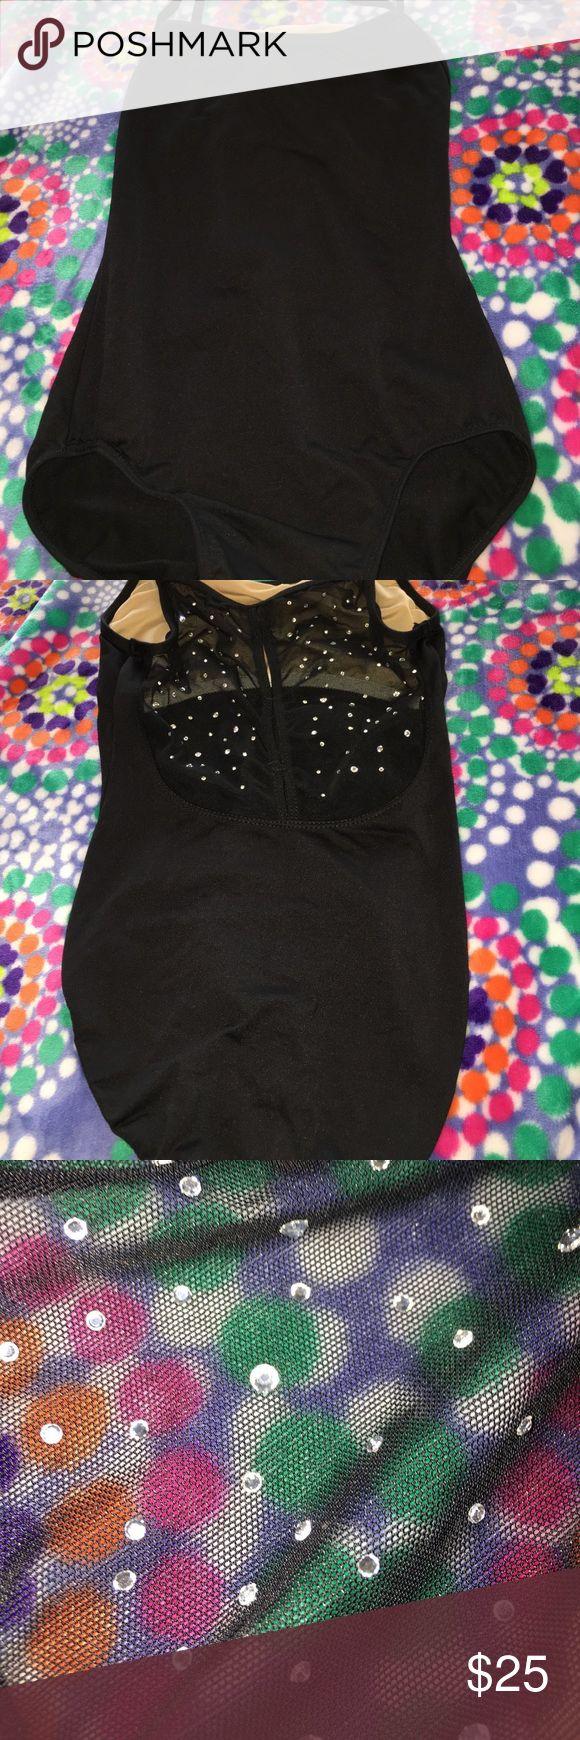 Black dance leotard Sheer/ bling back motion wear Other